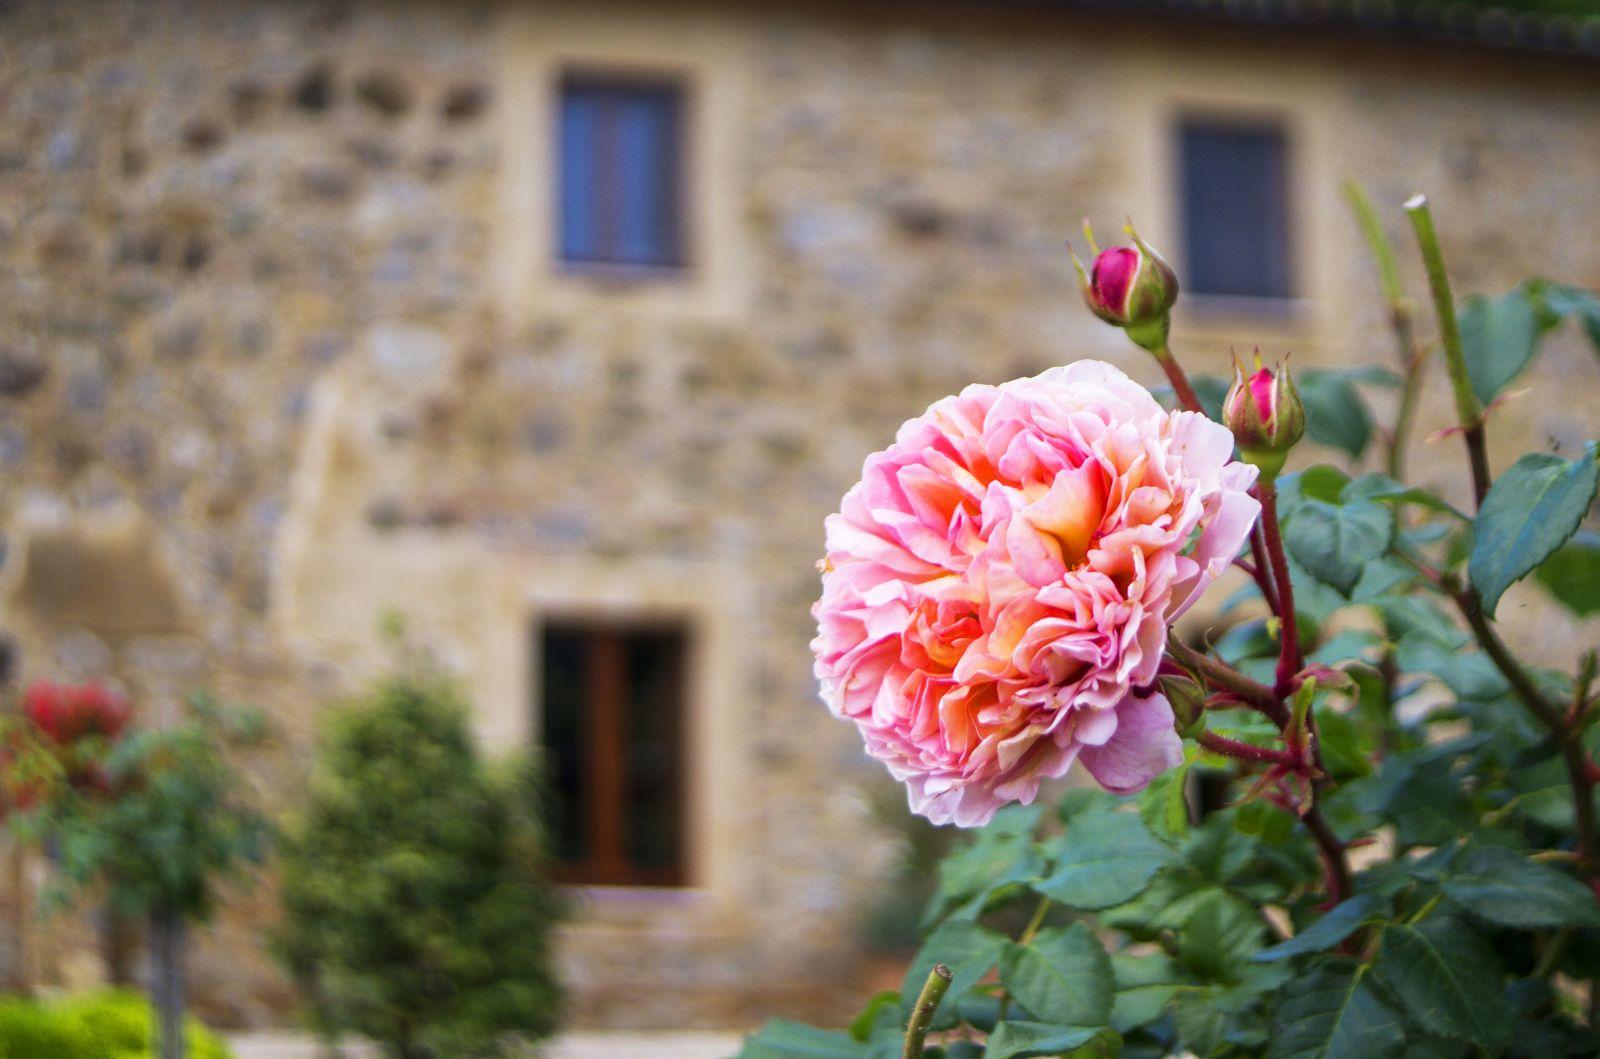 Gastblog van Marie-José Reynaerts: Bisconti, het verhaal achter onze restauratie en verhuizing